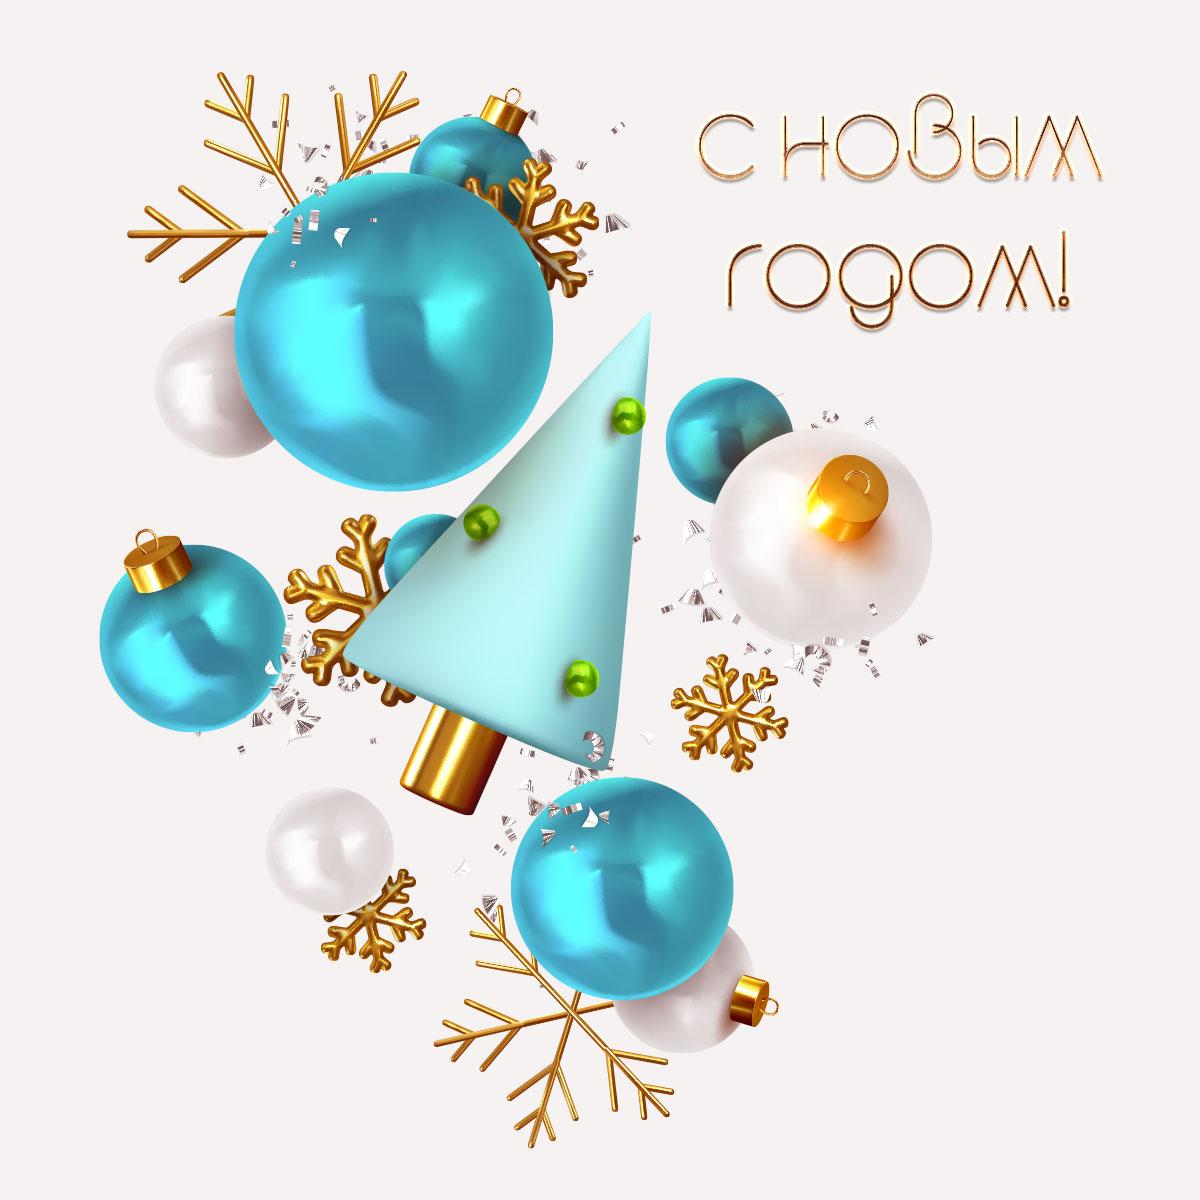 Объёмная открытка с шариками бирюзового цвета и надписью золотыми буквами на прозрачном фоне.